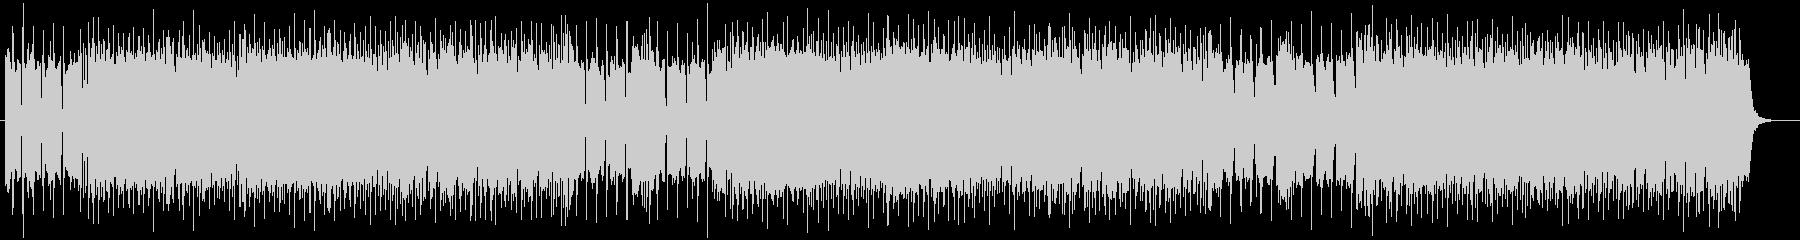 激しく疾走感のあるシンセギターサウンドの未再生の波形